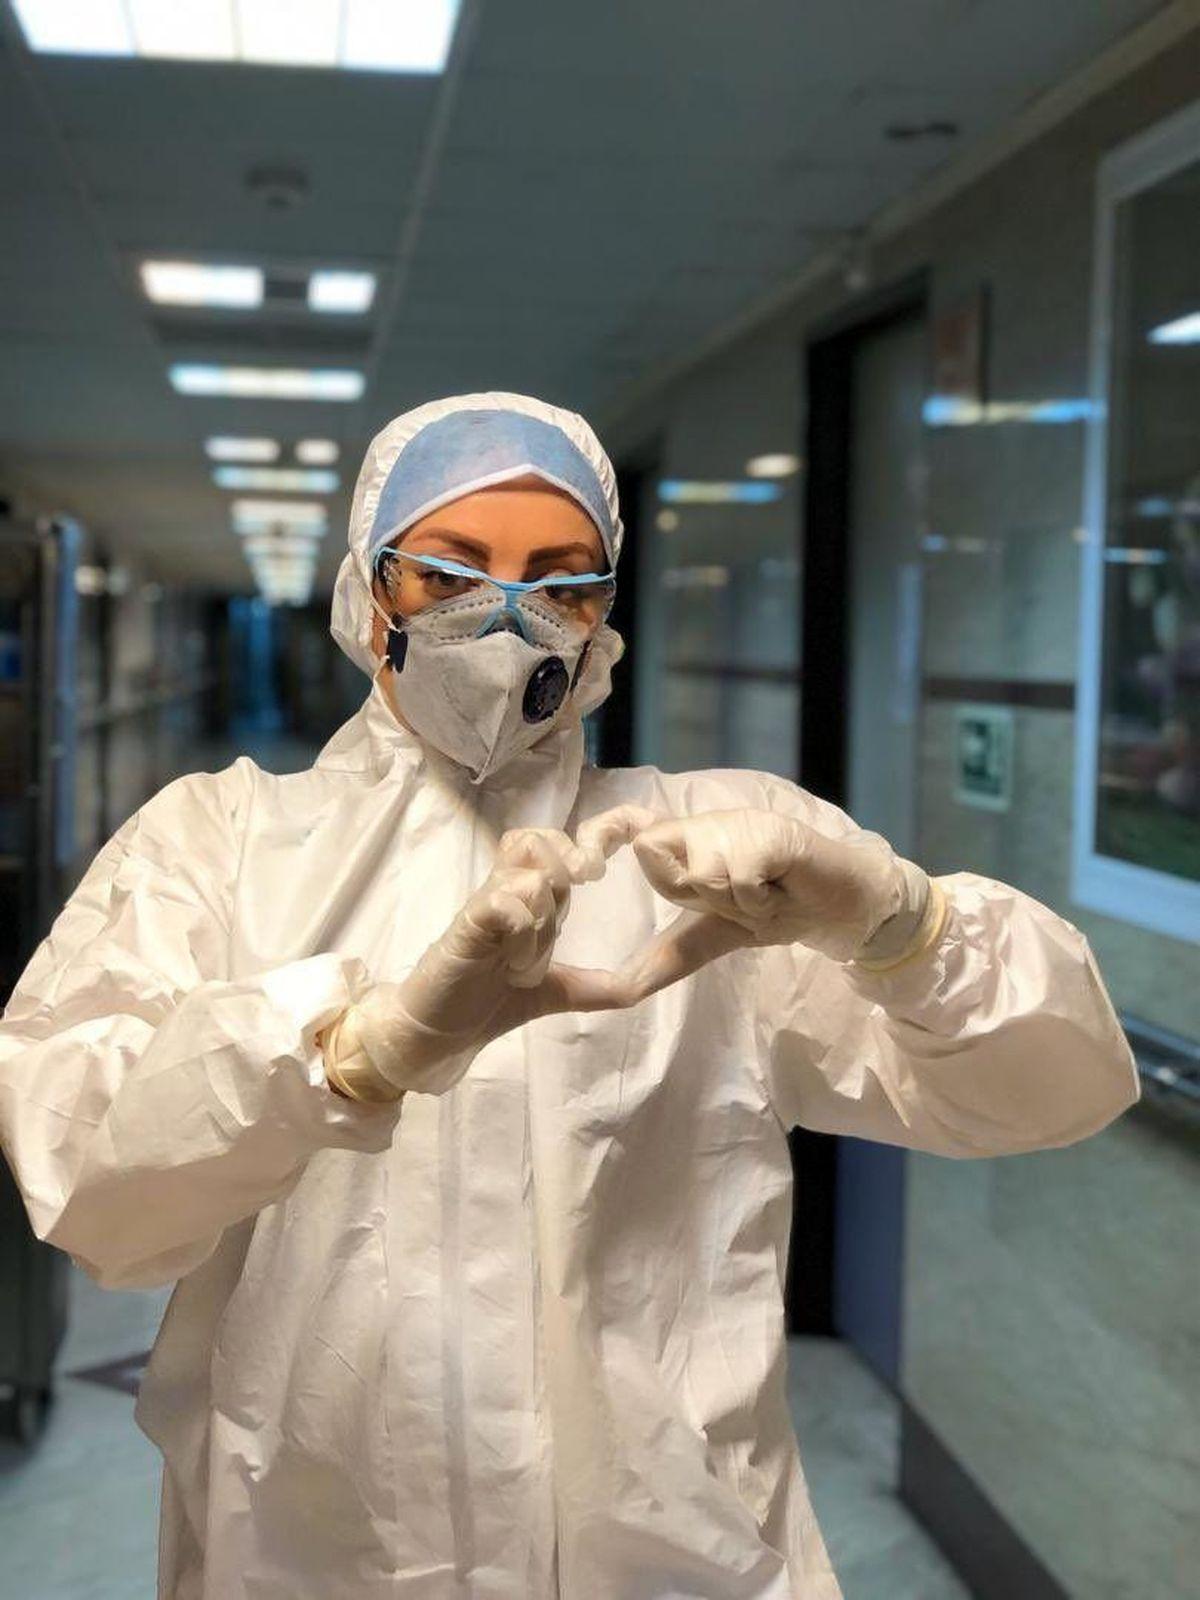 مرگ پرستار زحمتکش کشور در روز پرستار + عکس